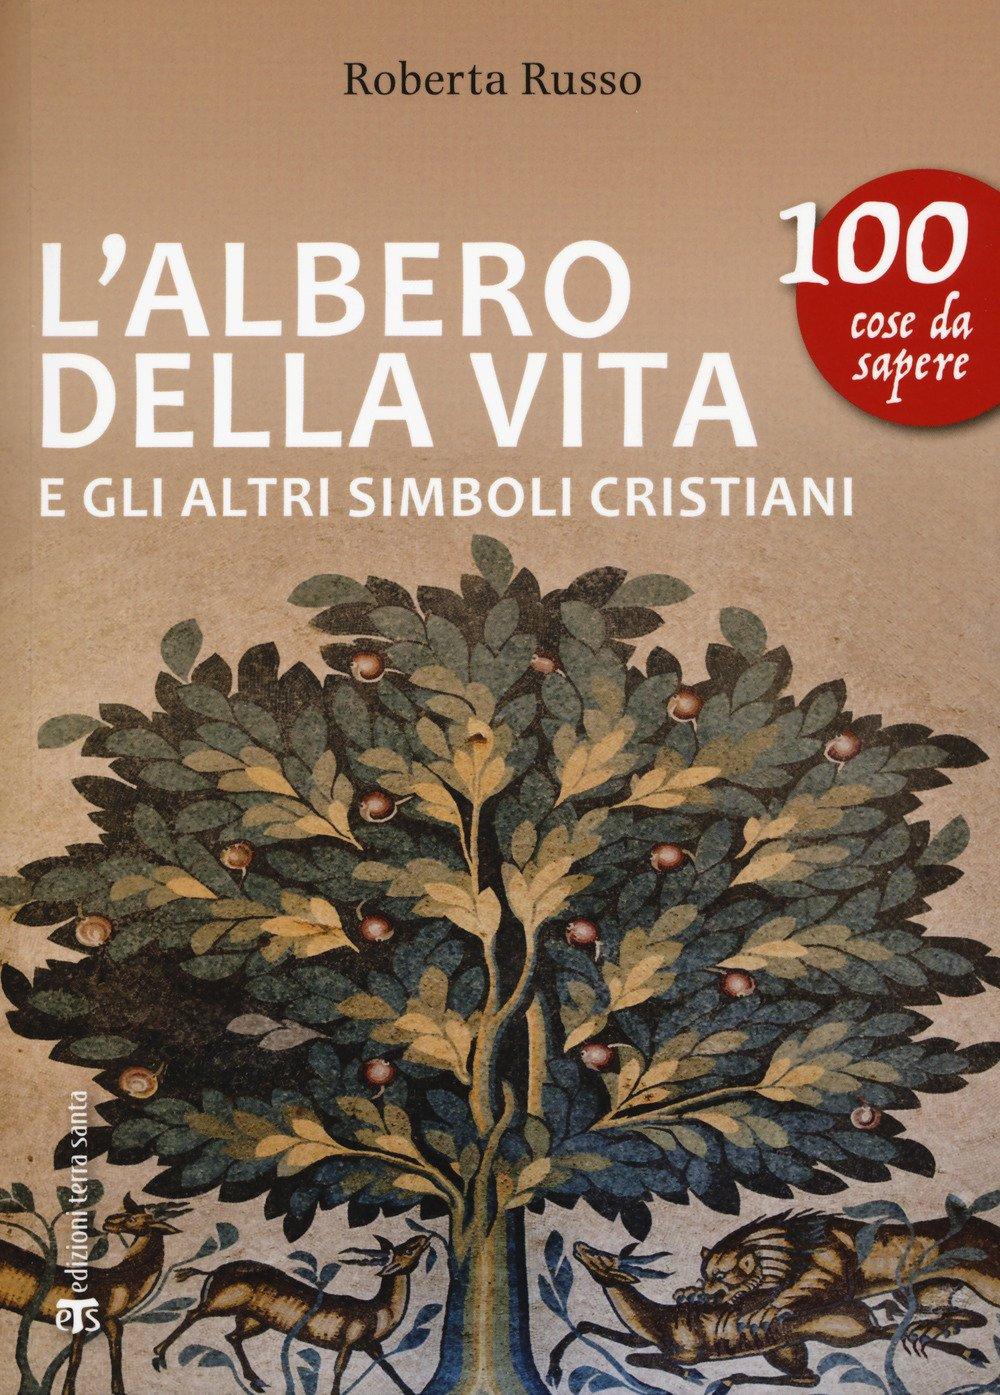 L'albero della vita e gli altri simboli cristiani